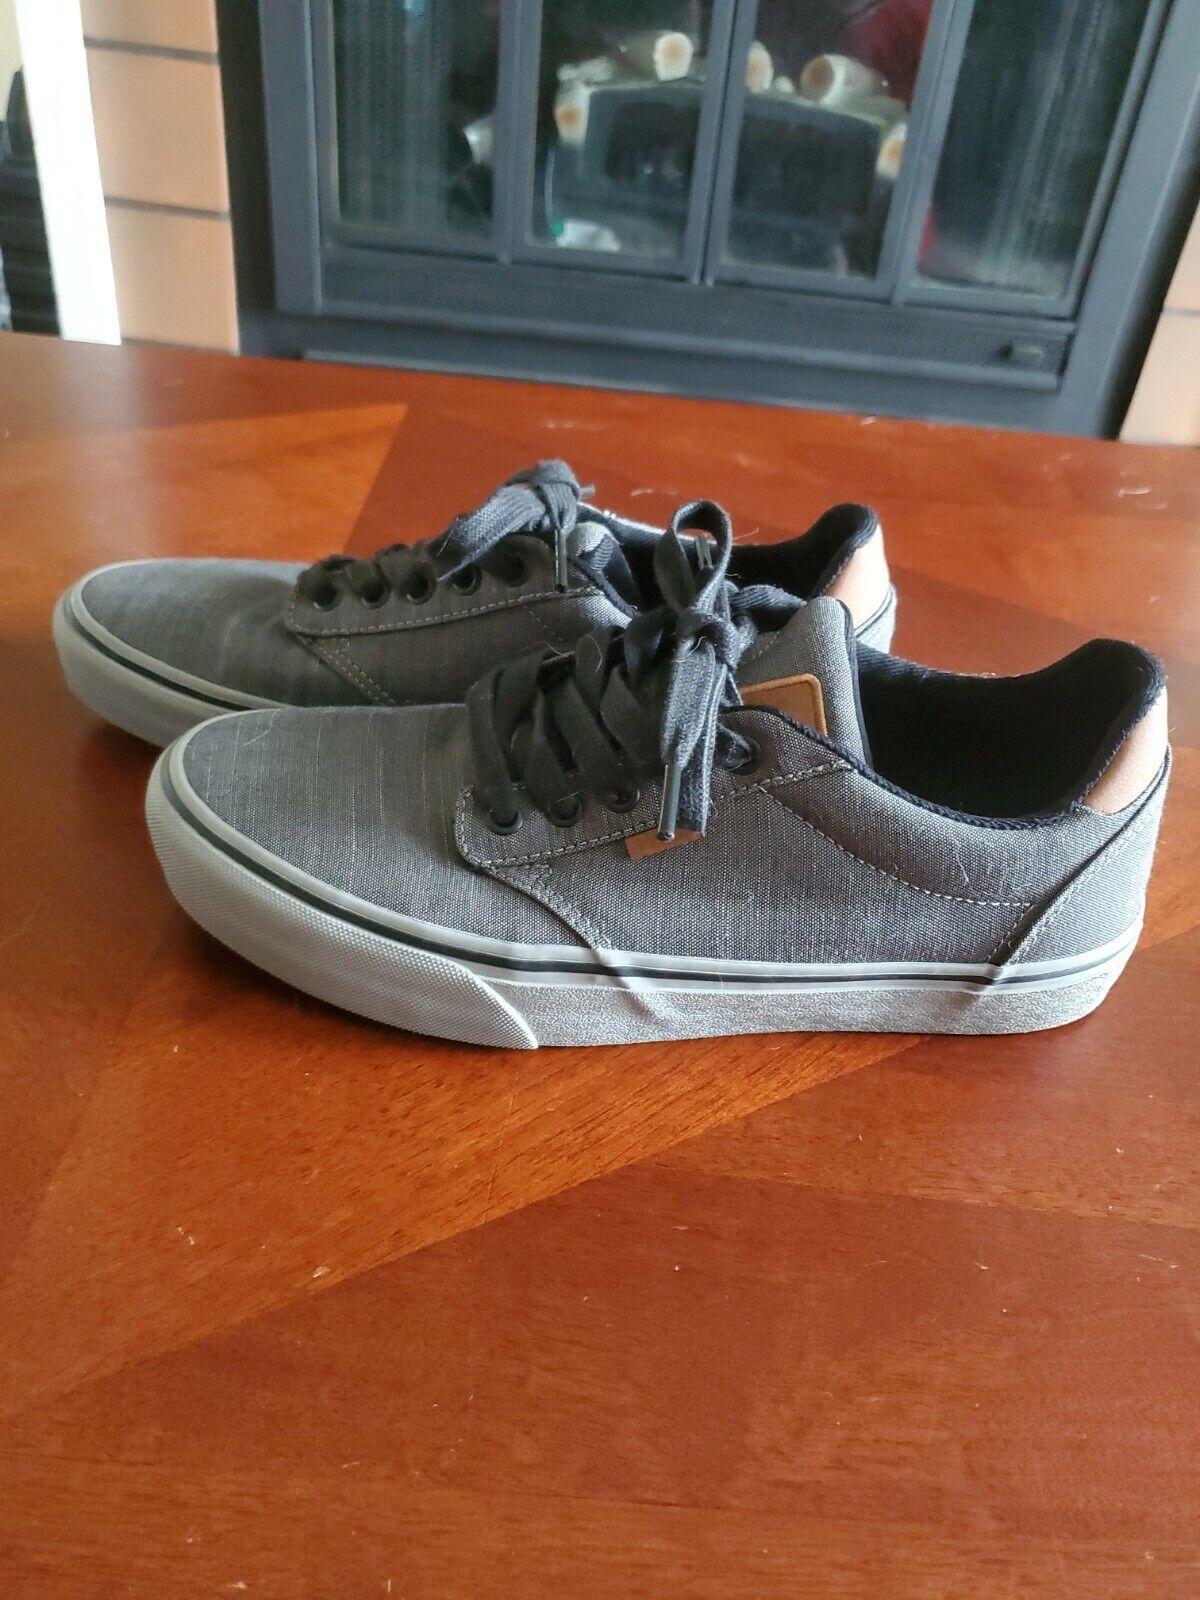 Shoes Vans Atwood Jr Size 3 5 Uk Code Vki5186 9b For Sale Online Ebay